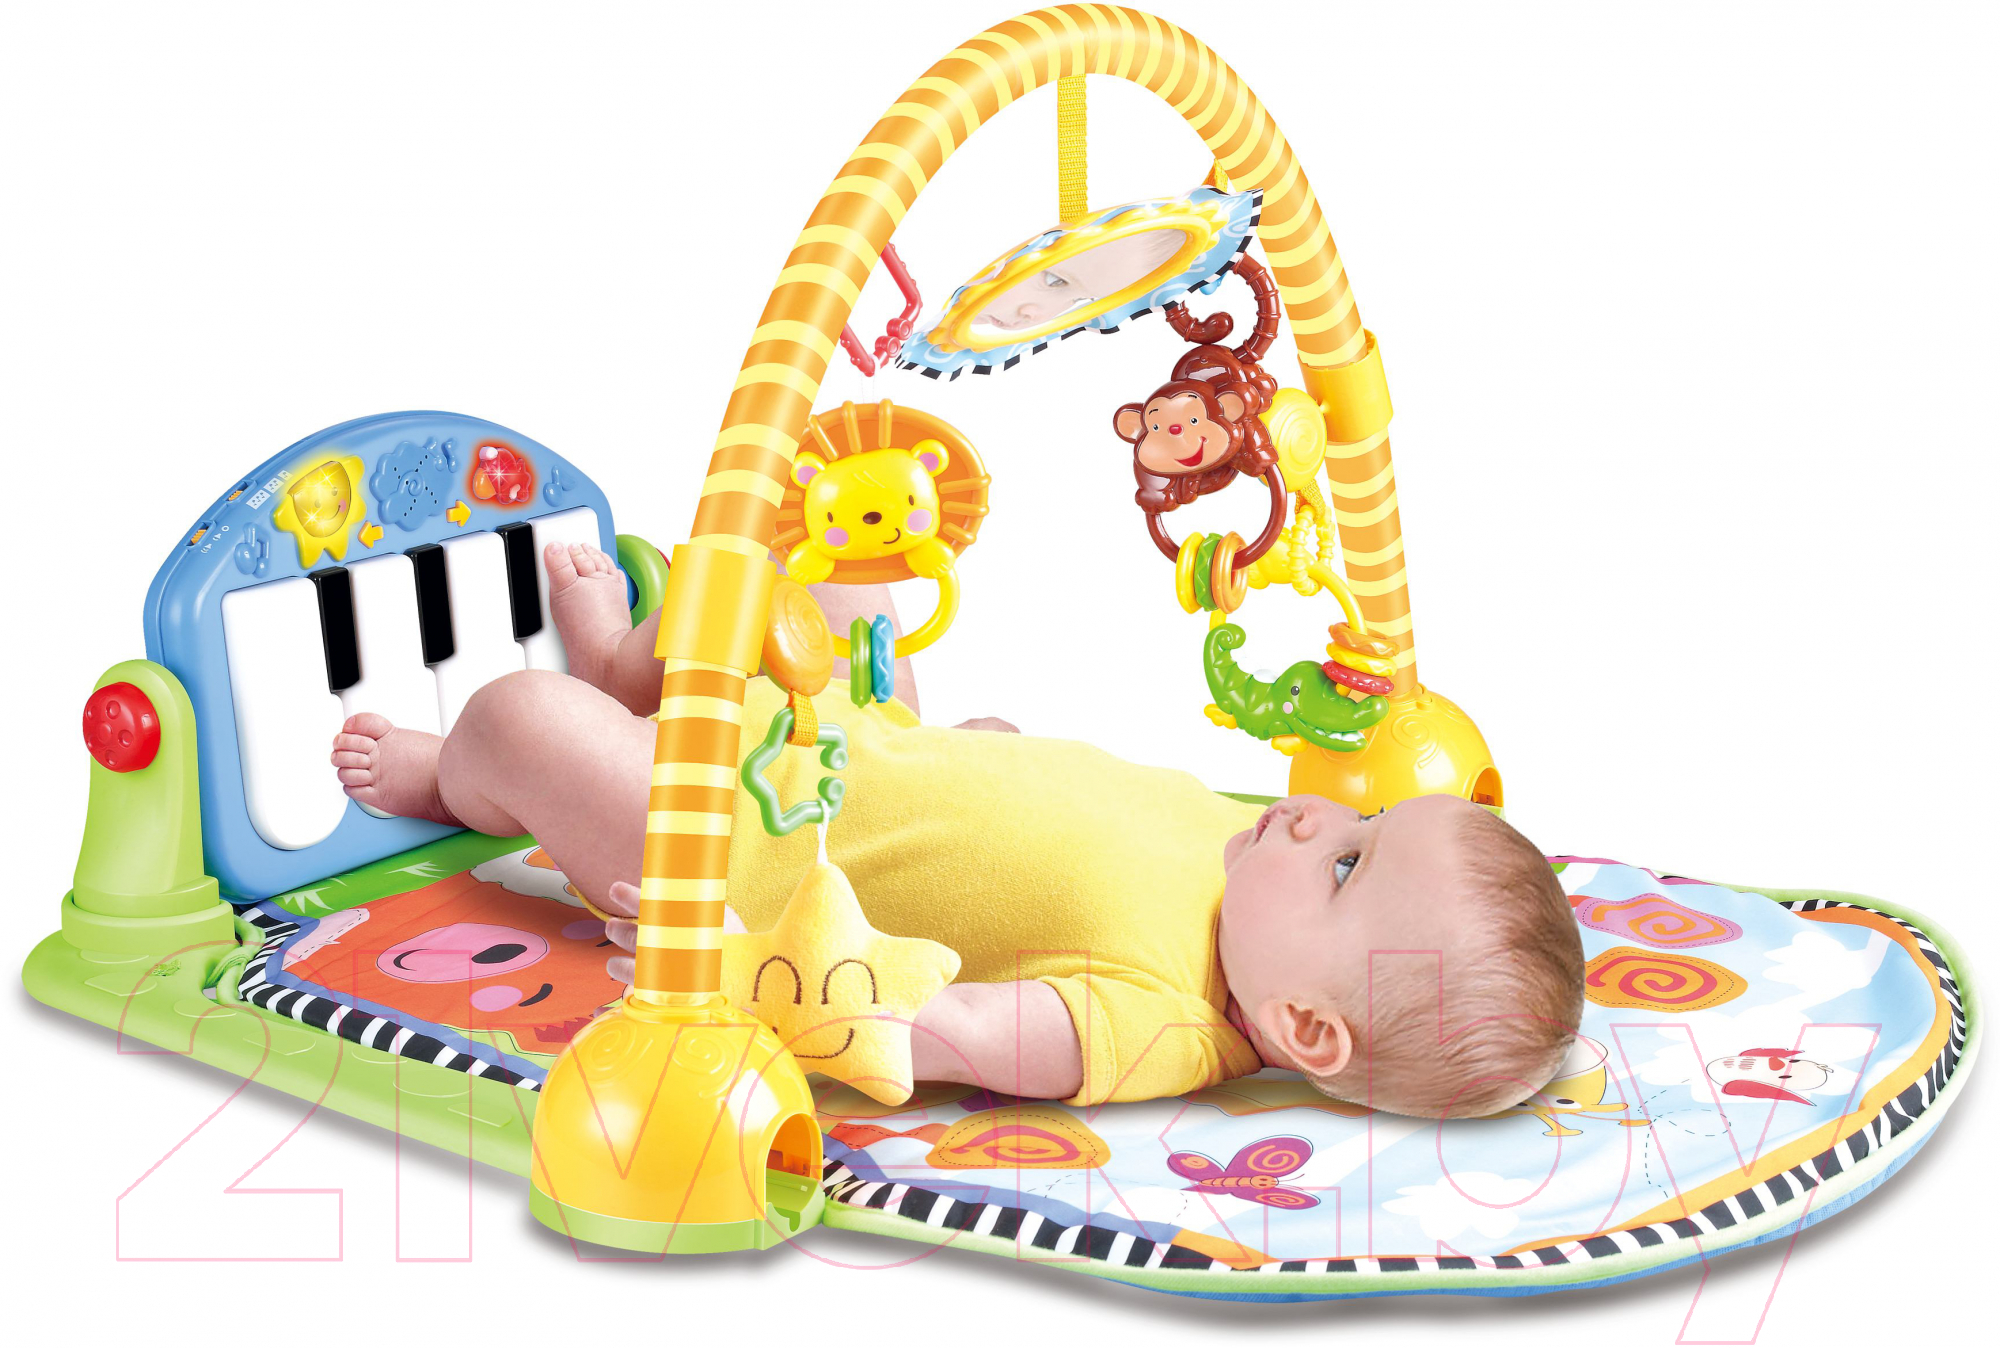 Купить Развивающий коврик Sundays, Музыкальный / 228239, Китай, пластик